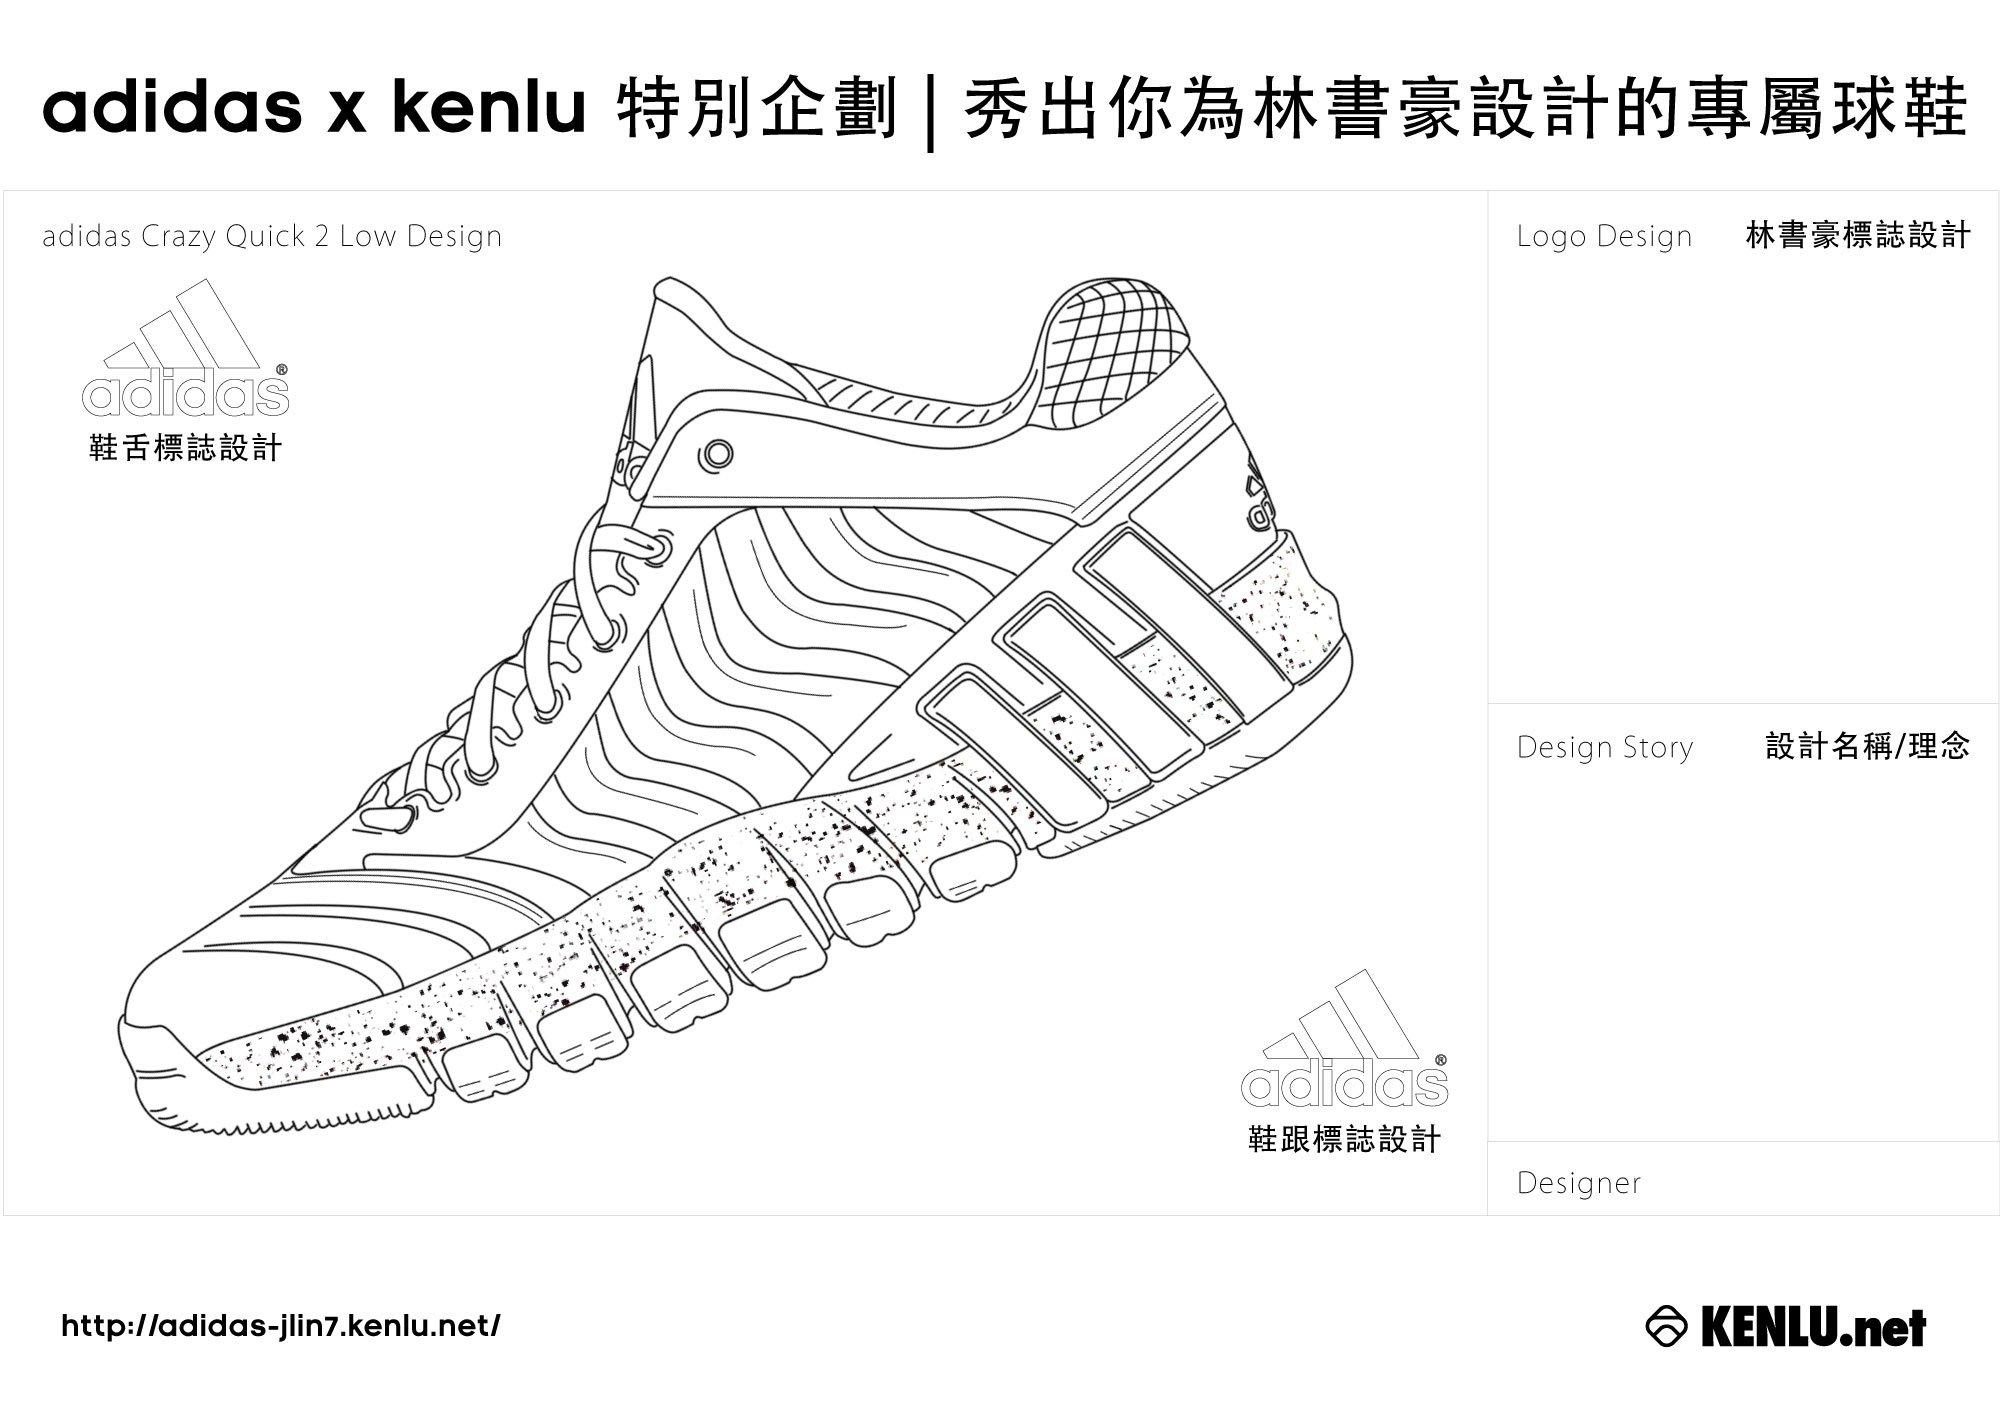 xxl-adidas-crazy-quick-2-design-outline